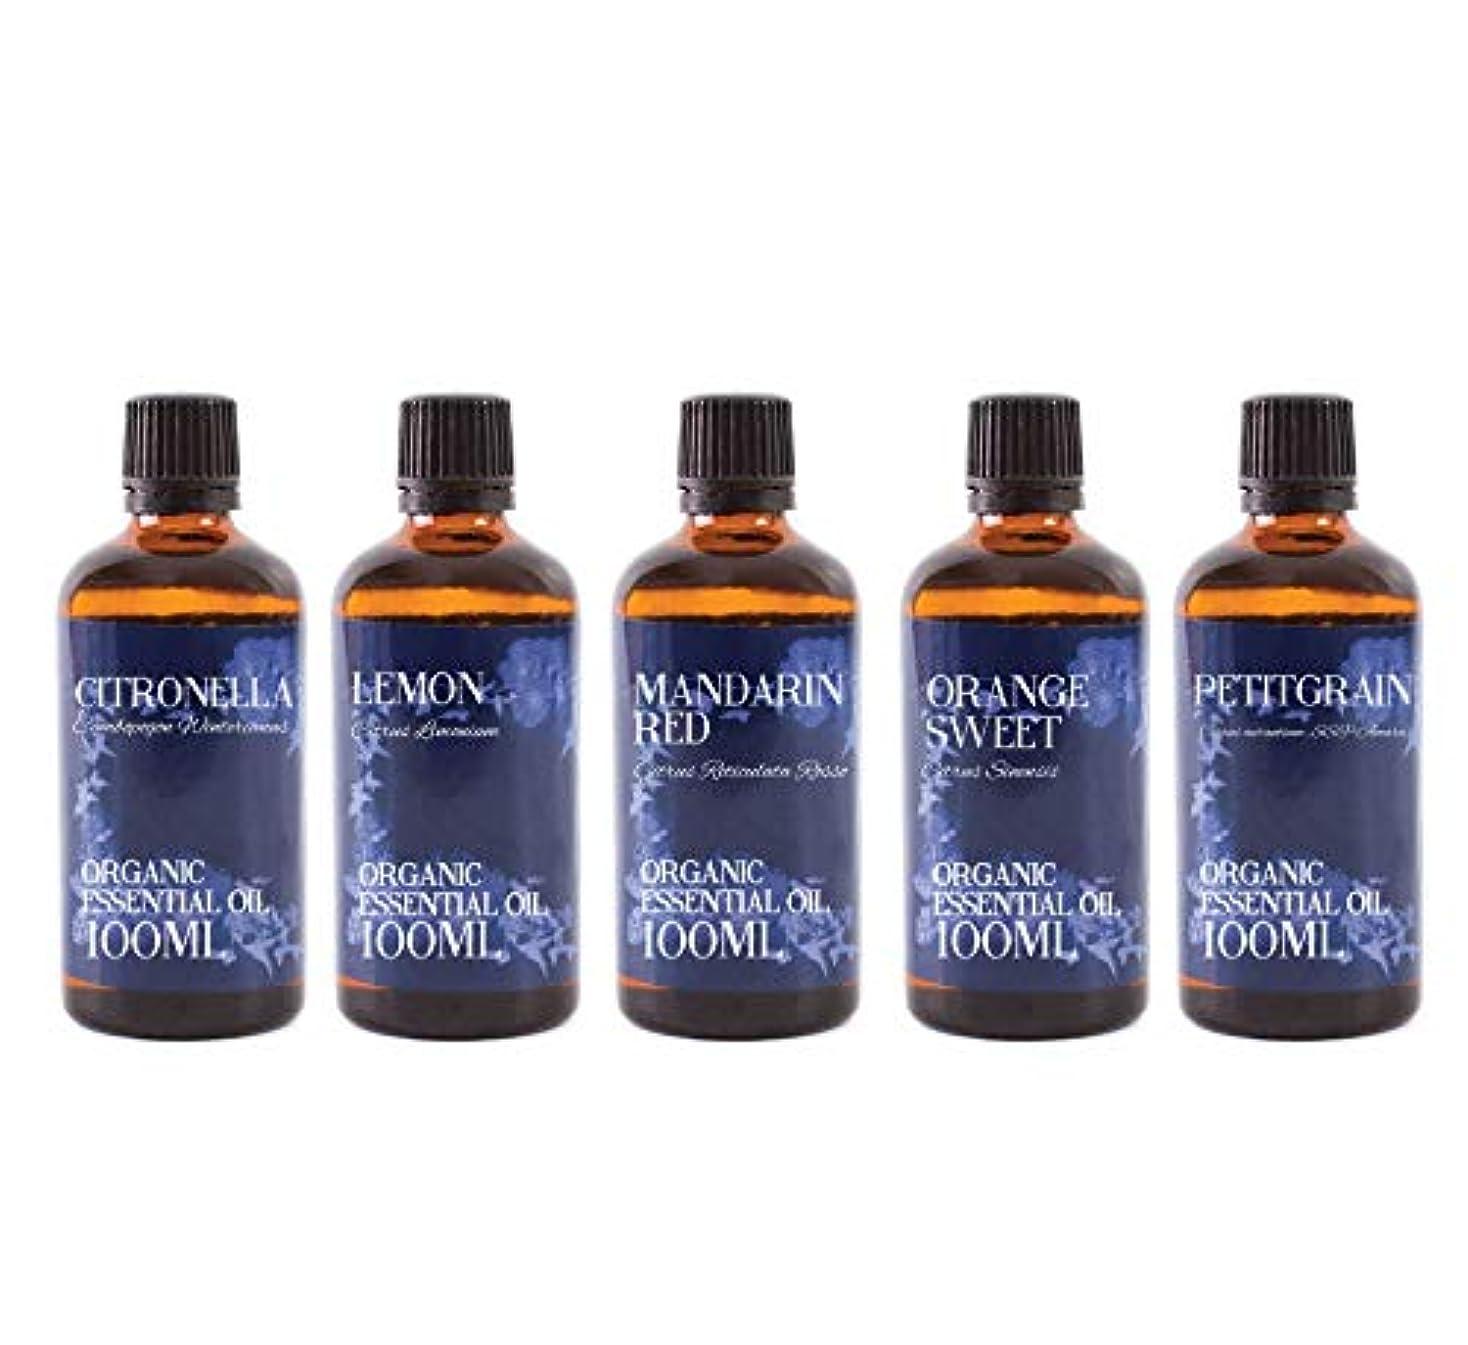 遵守する快適農夫Mystic Moments | Essential Oil Starter Pack - Organic Citrus Oils - 5 x 100ml - 100% Pure